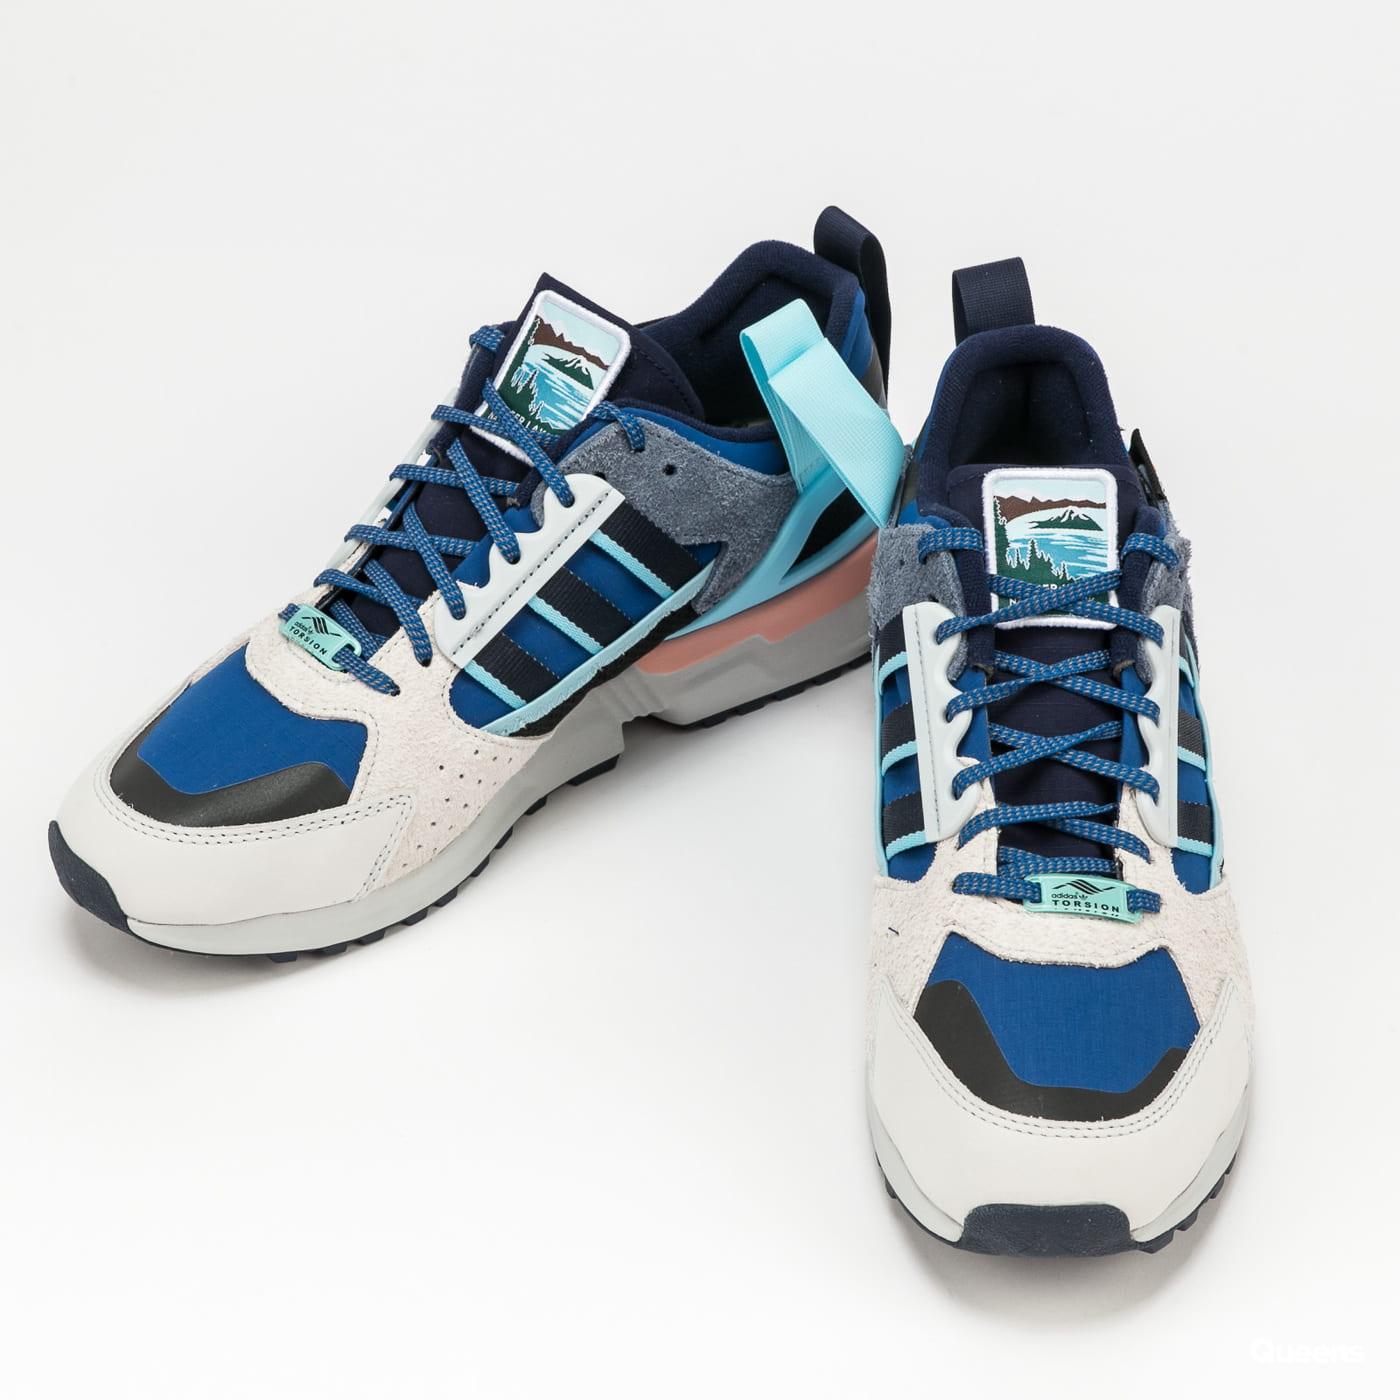 adidas Originals ZX 10000 crywht / conavy / dmarin